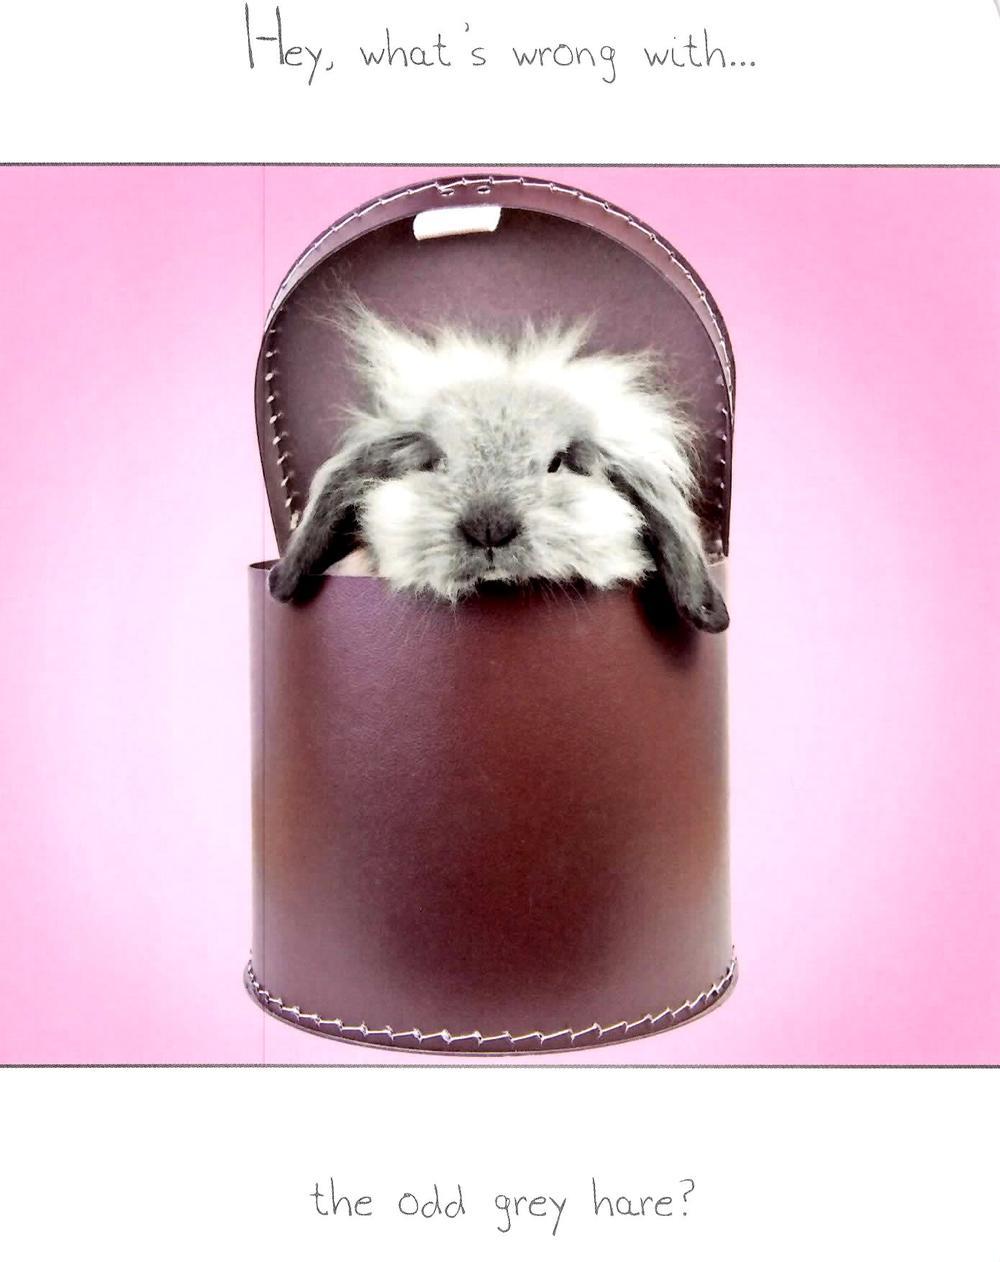 The Odd Grey Hare Funny Joke Happy Birthday Card